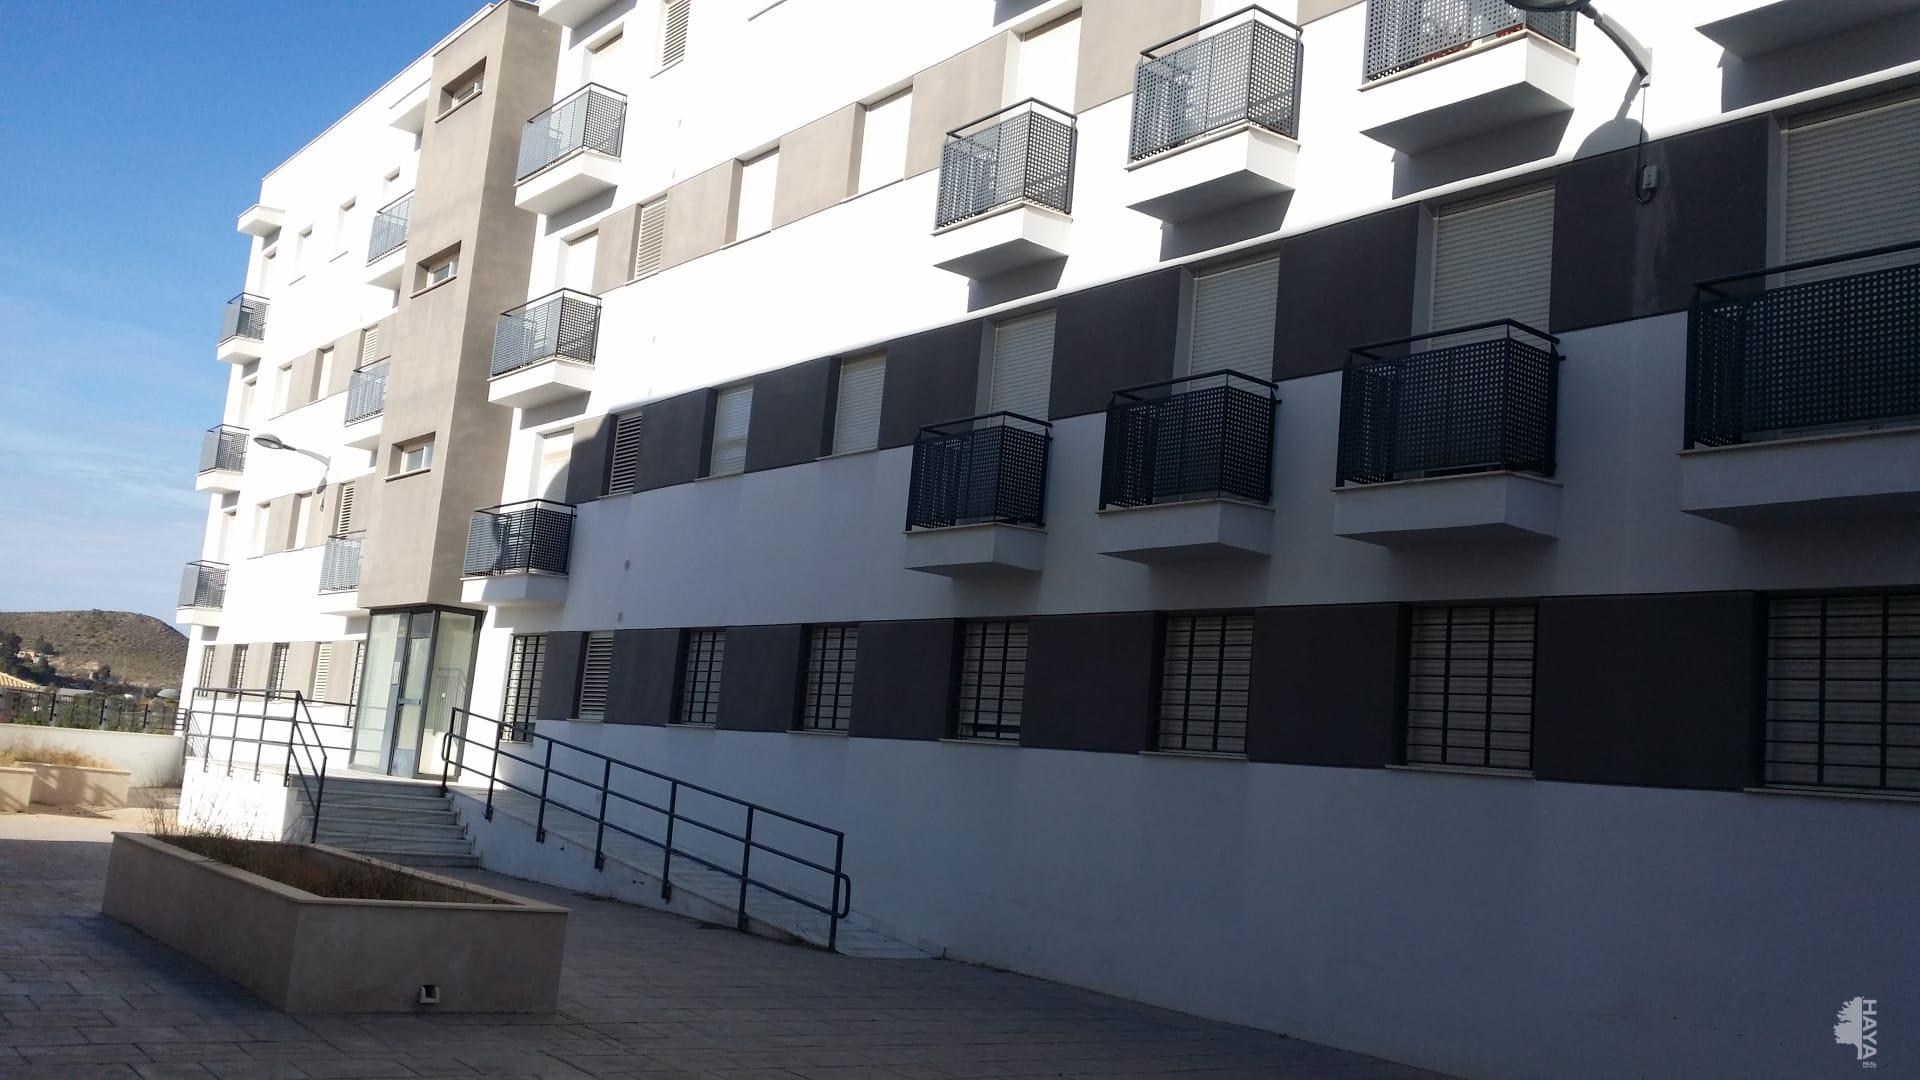 Piso en venta en Olula del Río, Almería, Calle Alta, 65.000 €, 3 habitaciones, 1 baño, 98 m2